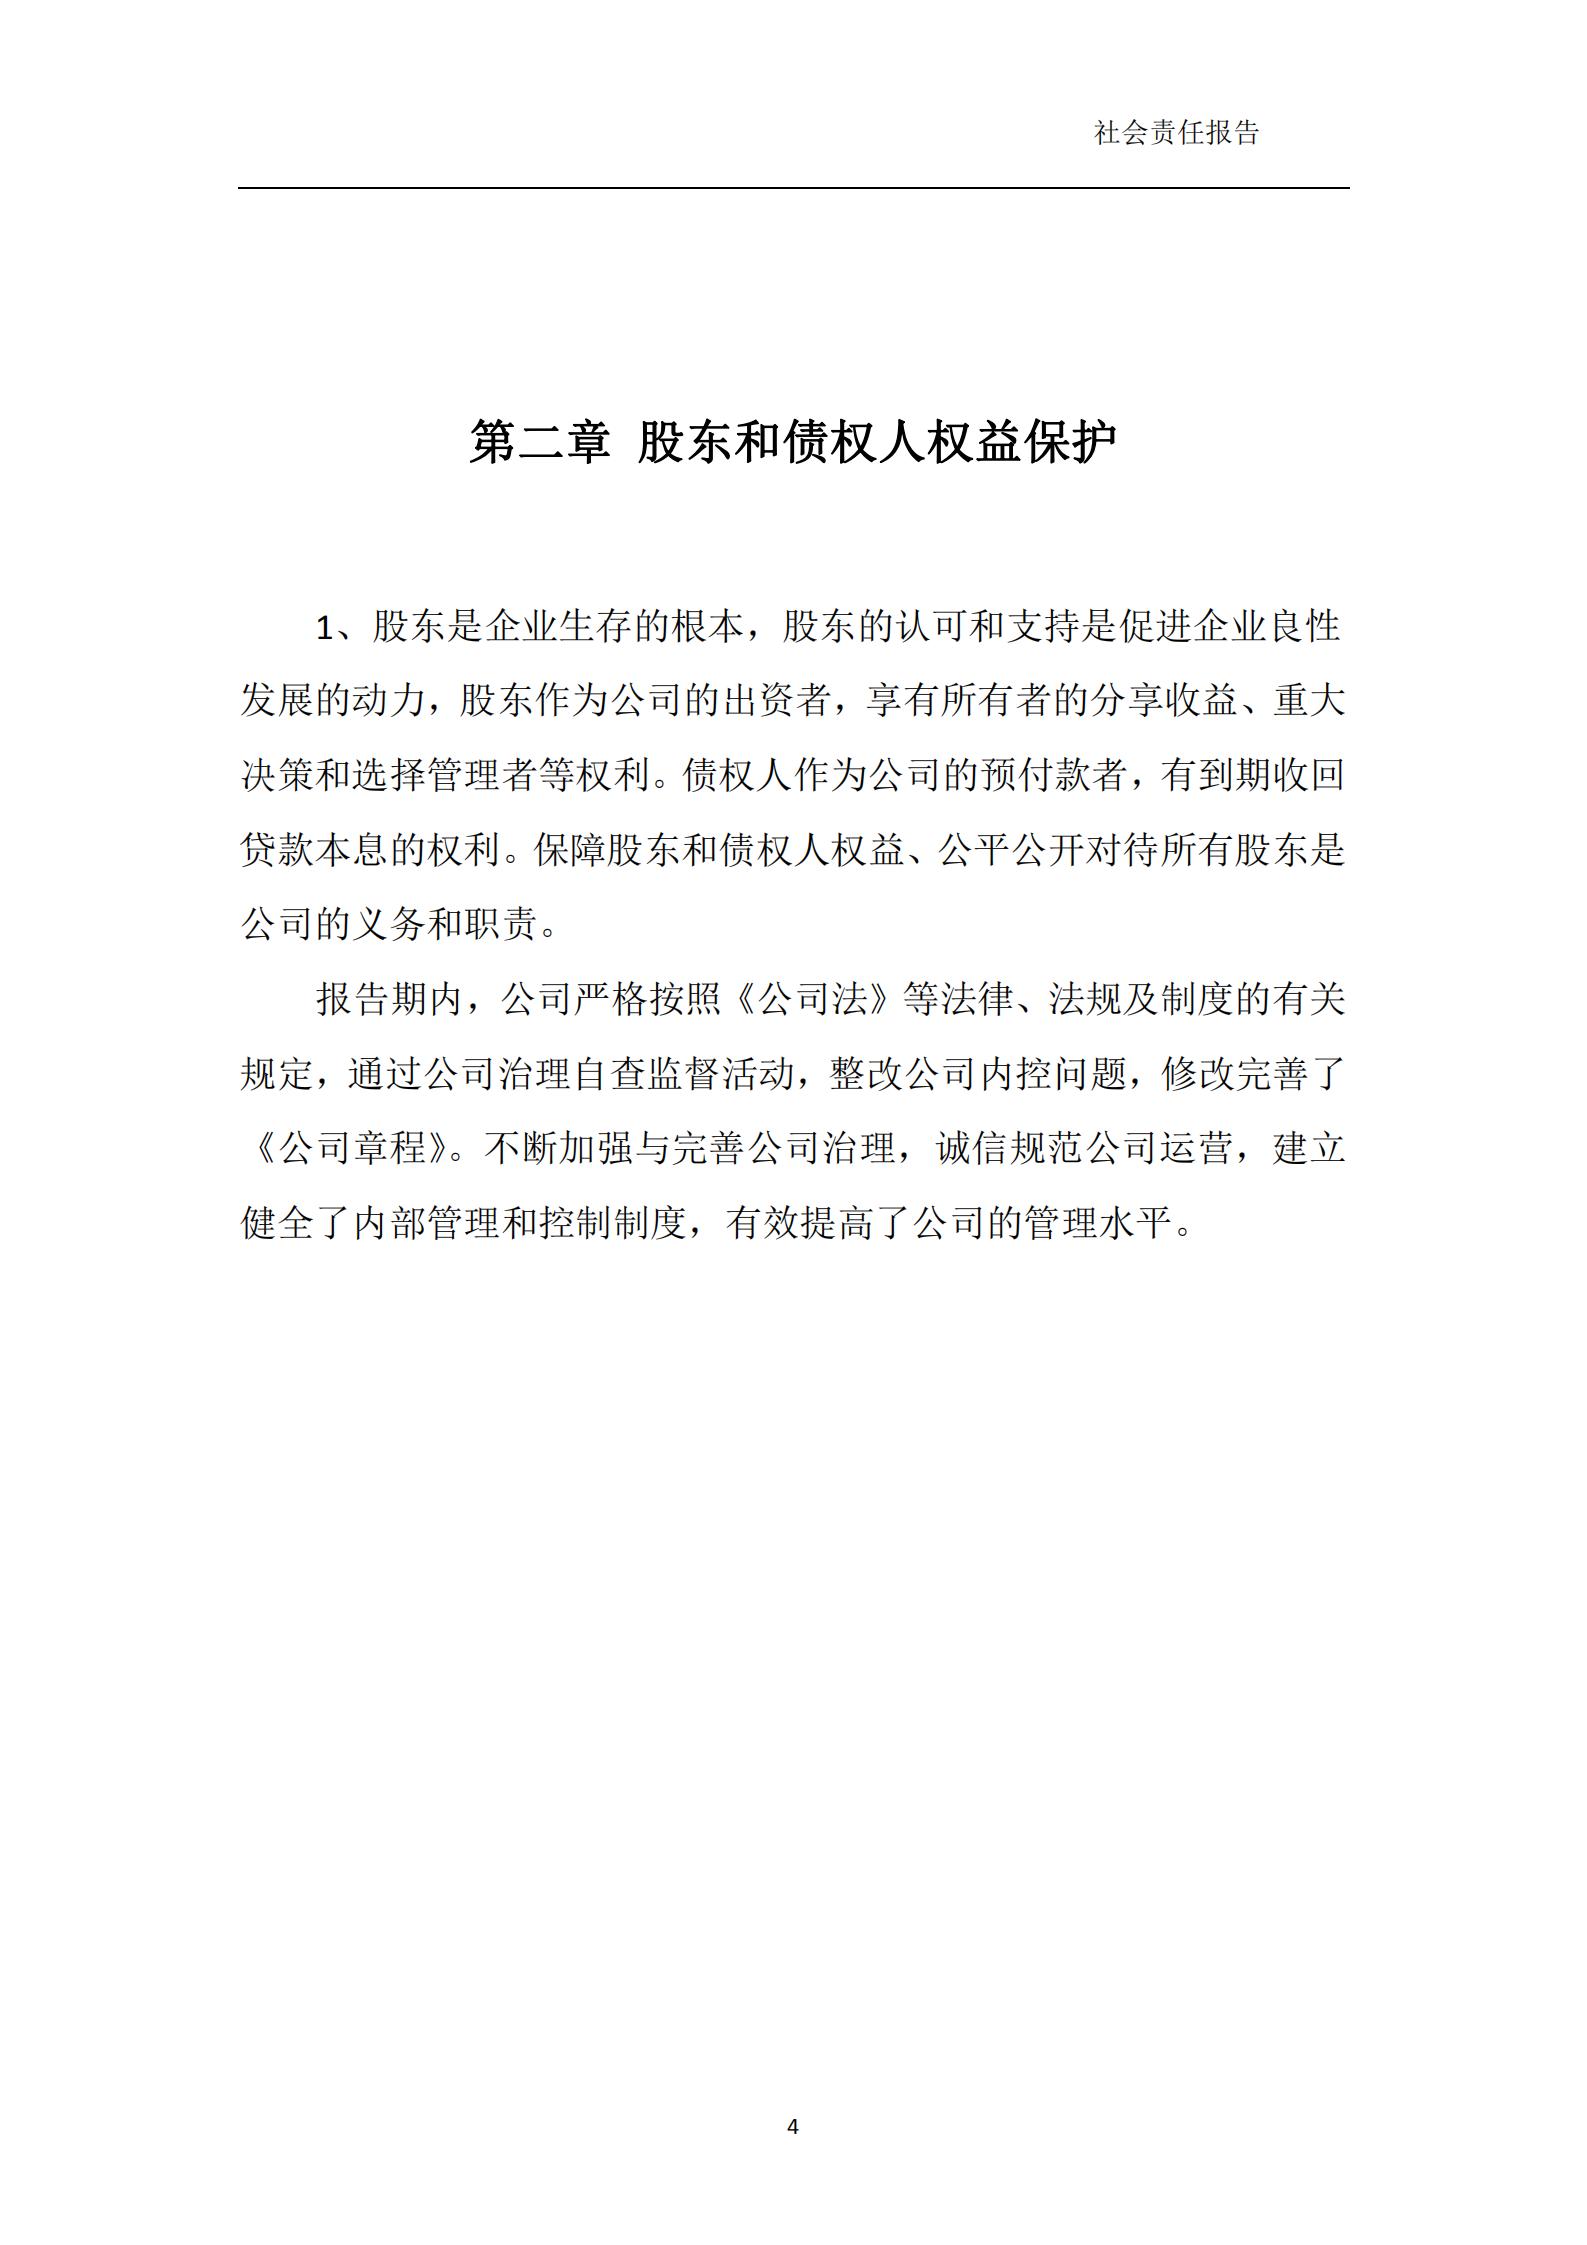 浙江新诚减速机科技有限公司-社会责任报告_04.png